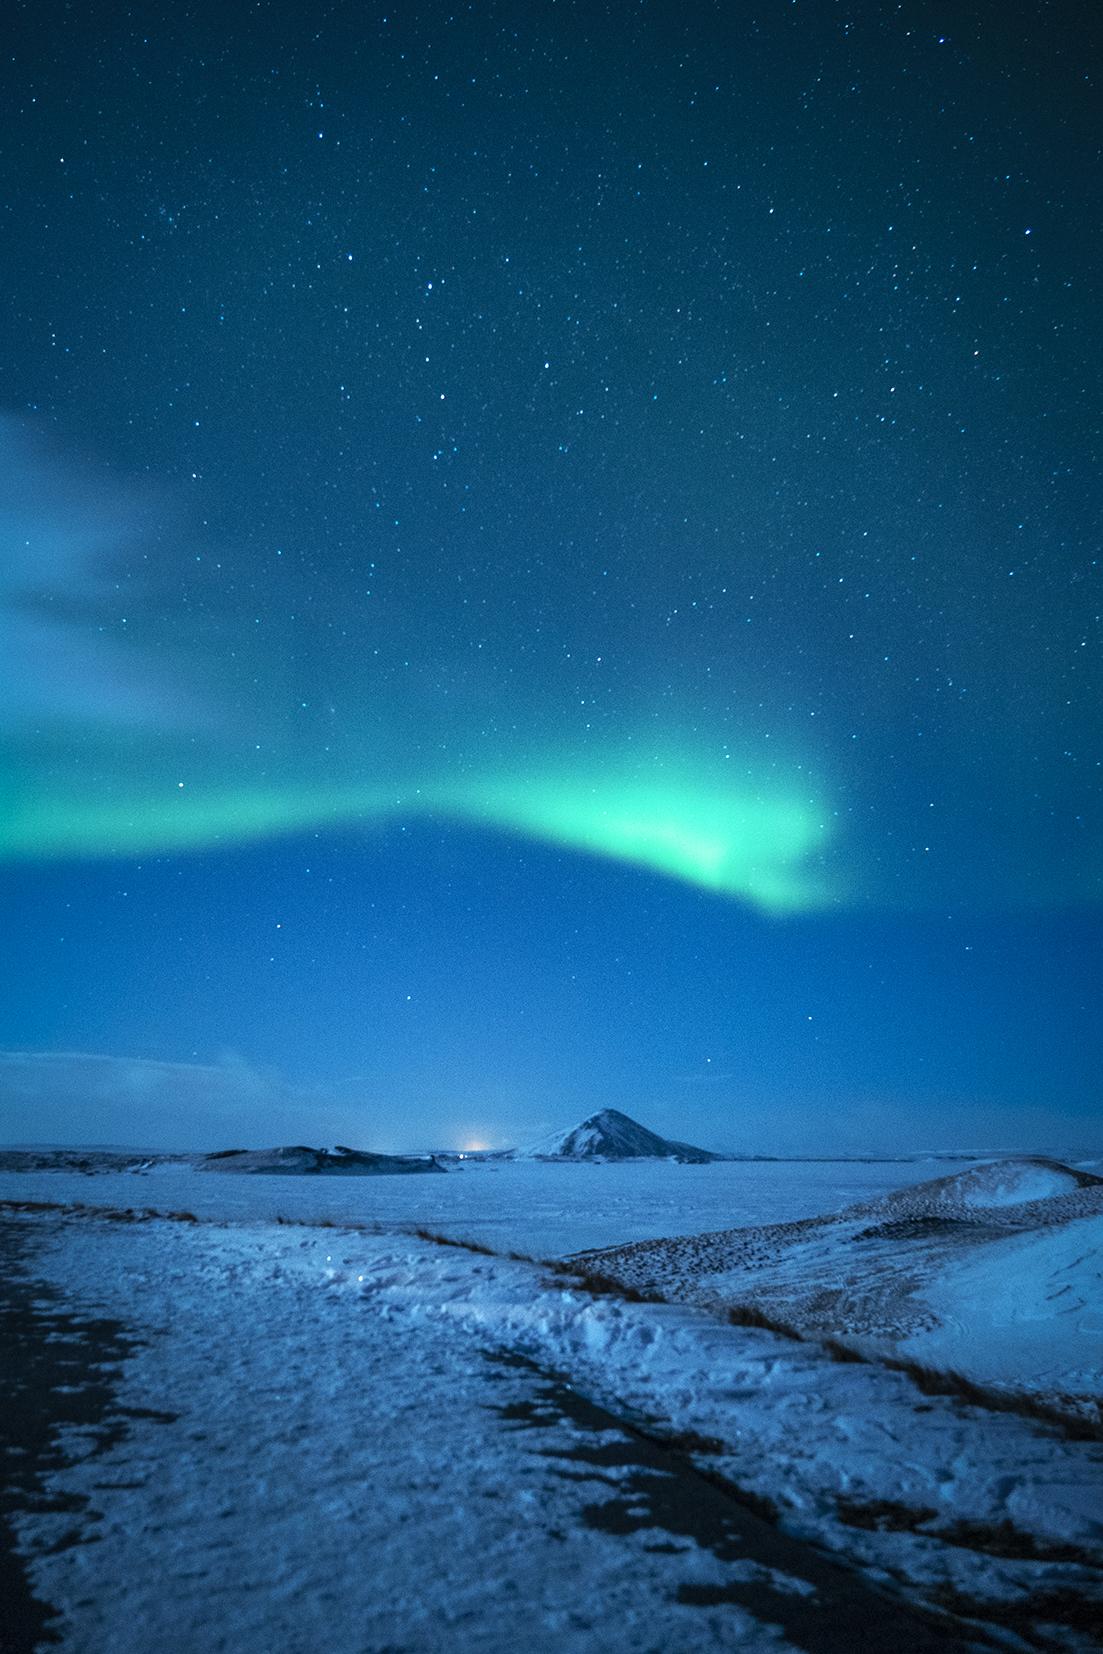 Mývatn Islande du Nord aurores boréales